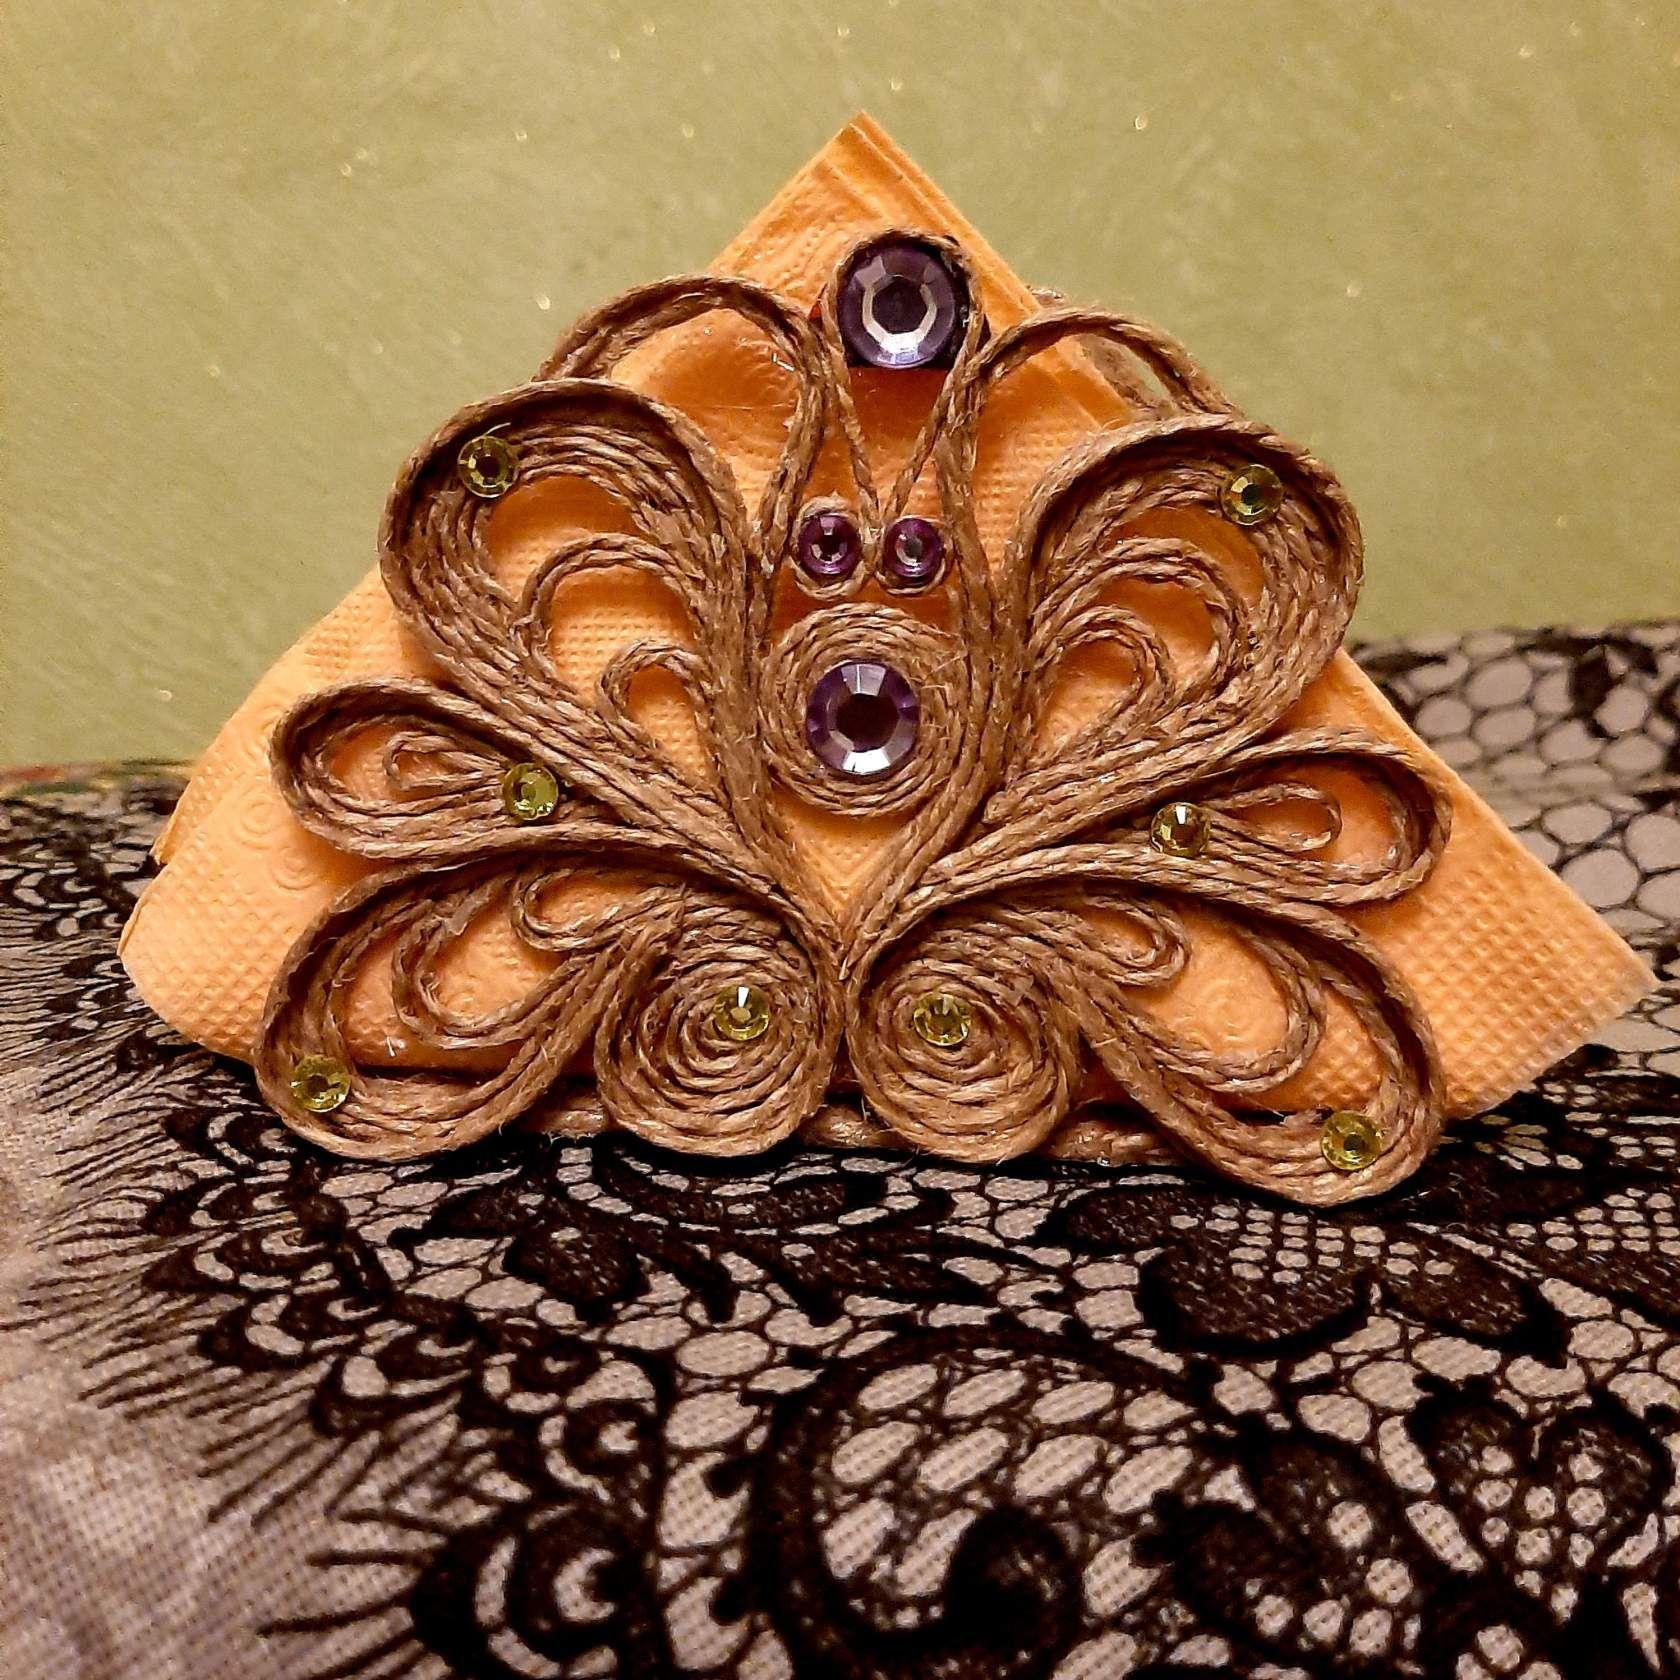 Поделки из джута (73 фото) - пошаговые мастер-классы по созданию необычных изделий из джута